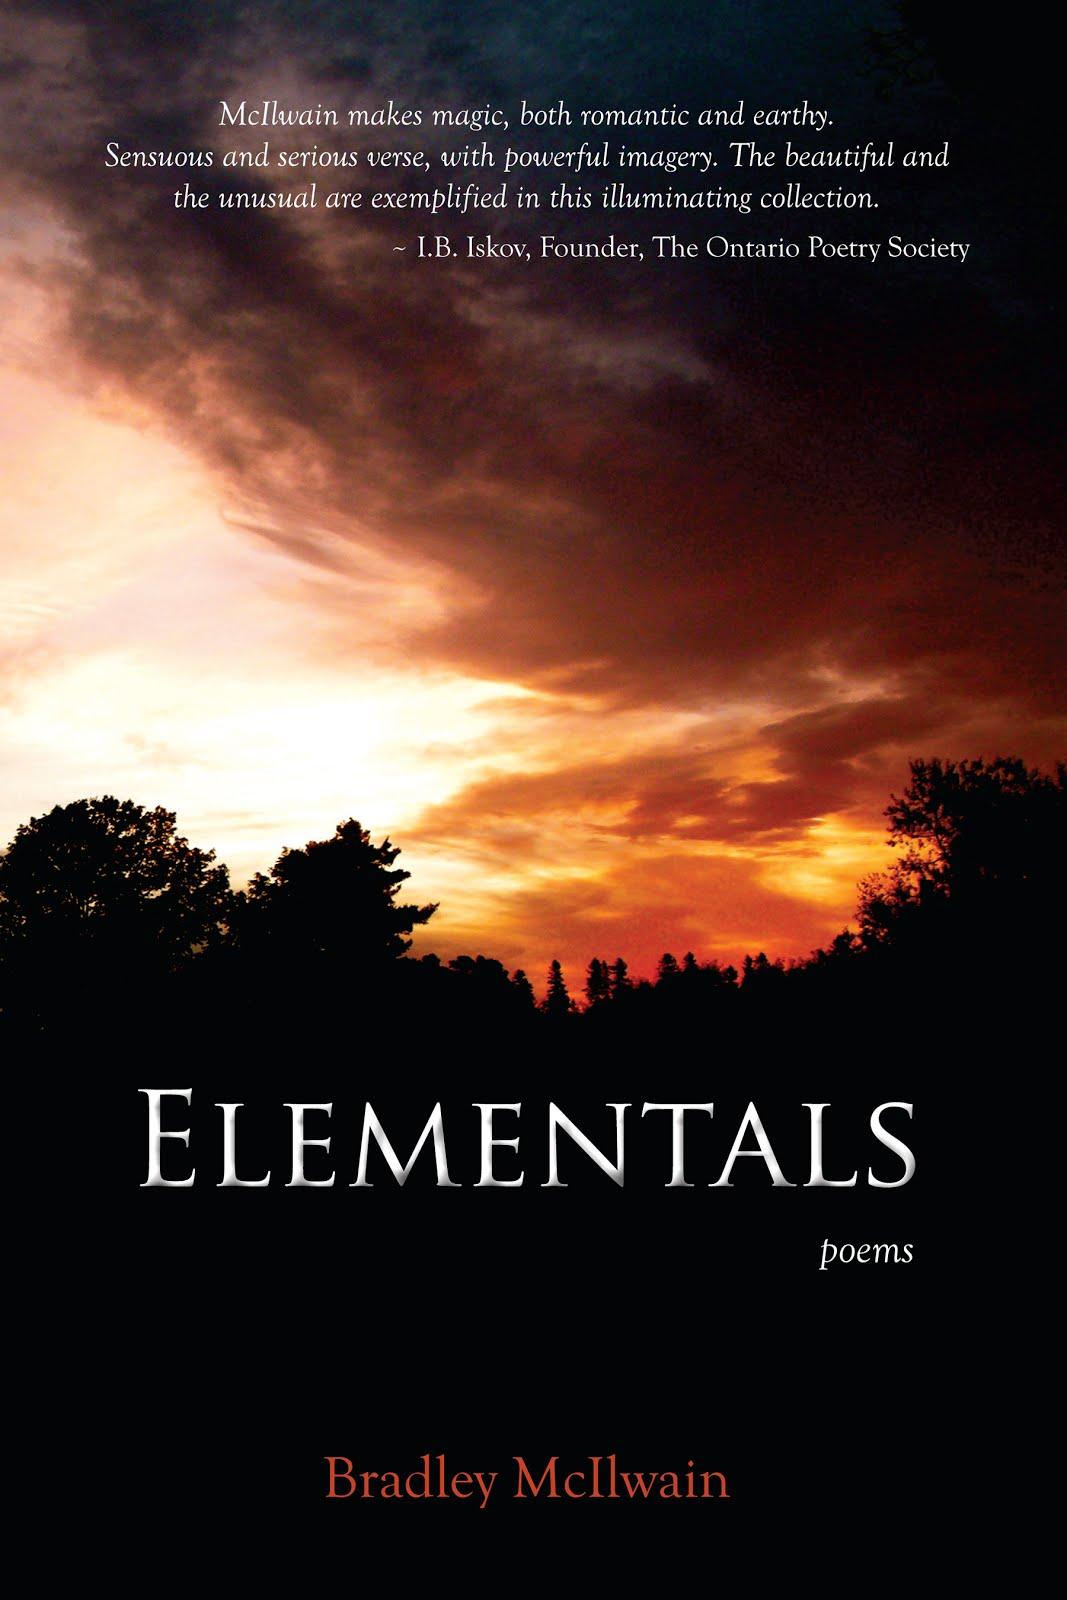 Elementals: poems